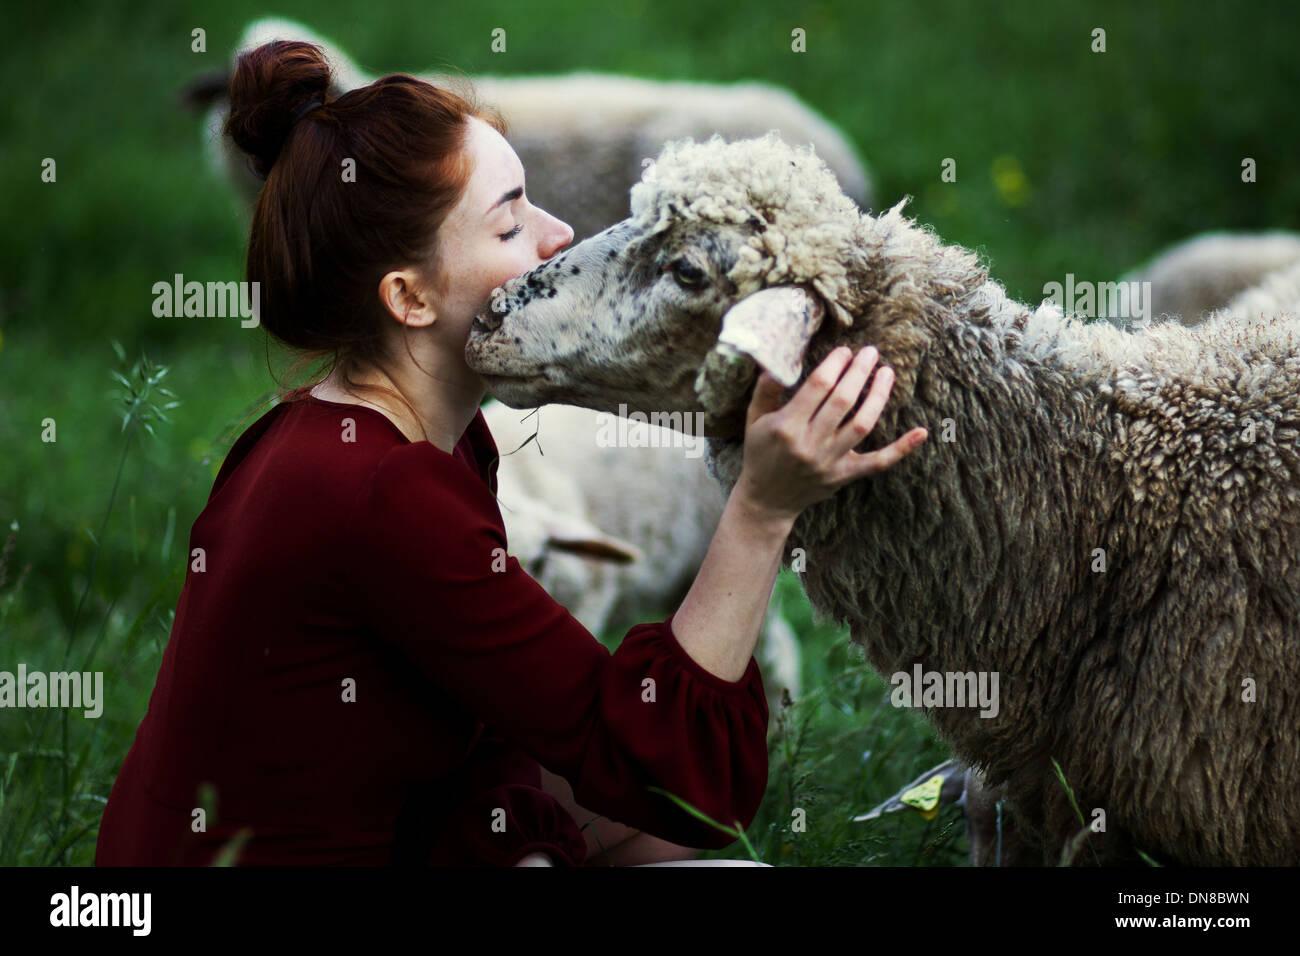 Junge Frau mit Schafe auf einer Wiese Stockbild